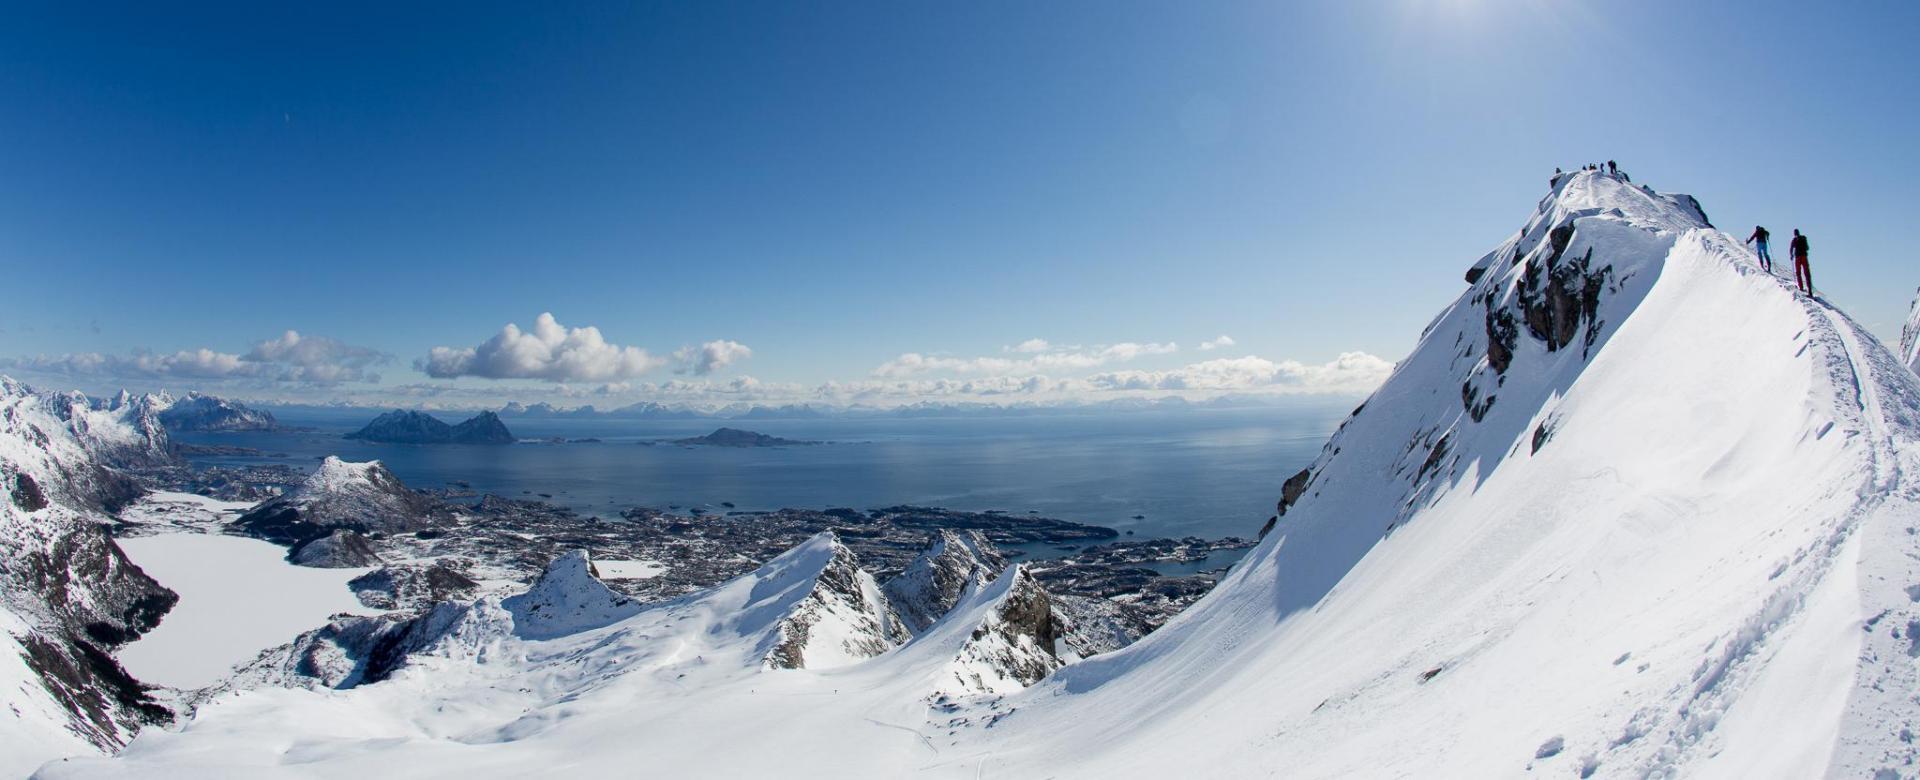 Voyage à la neige : Ski et aurores boréales aux îles lofoten